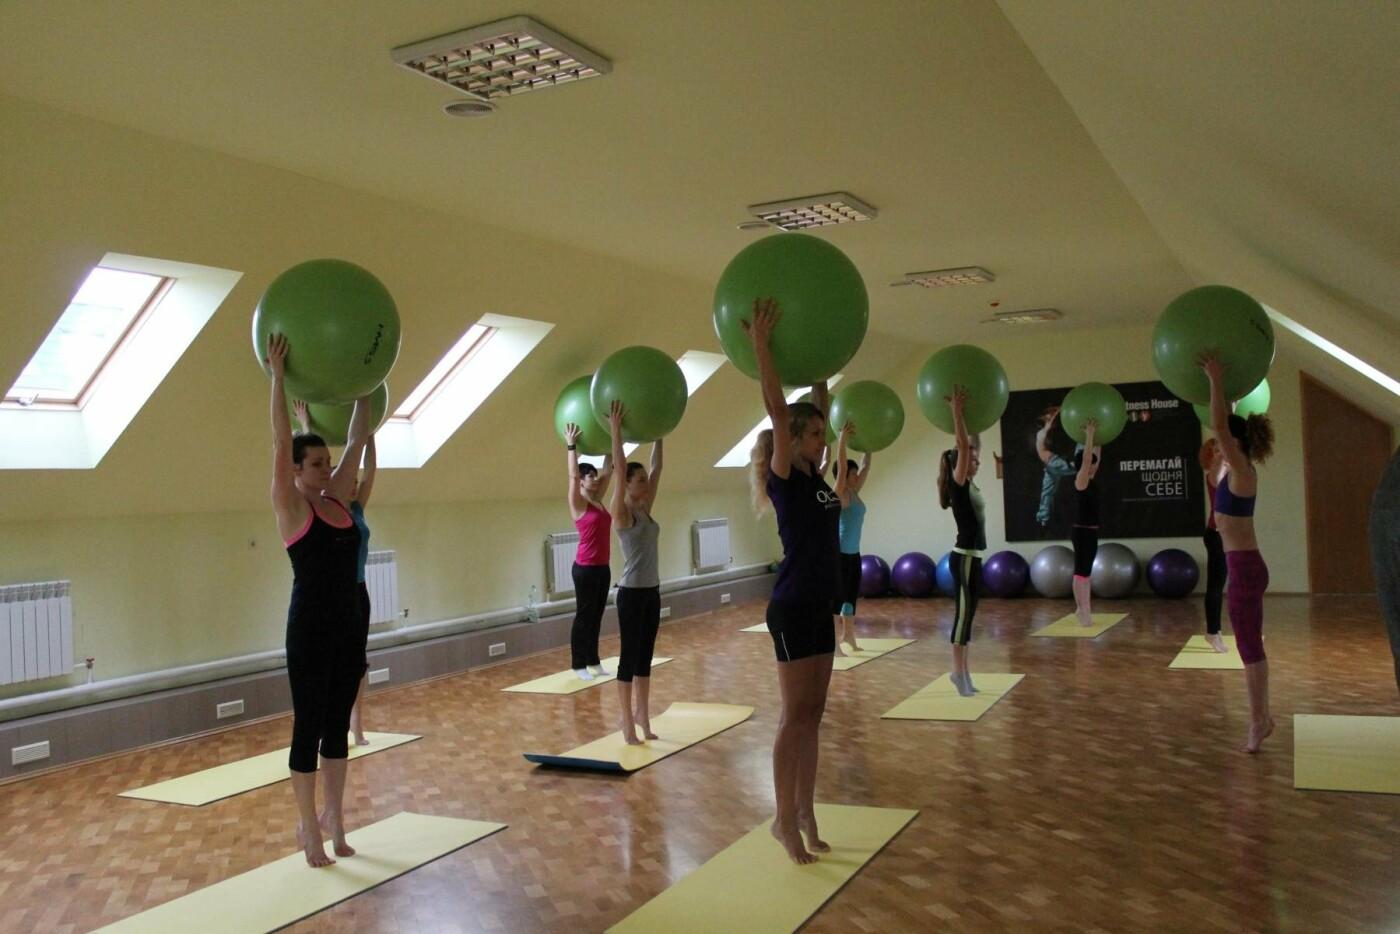 ТОП найкращих: фітнес-центри і тренажерні зали Тернополя, фото-54